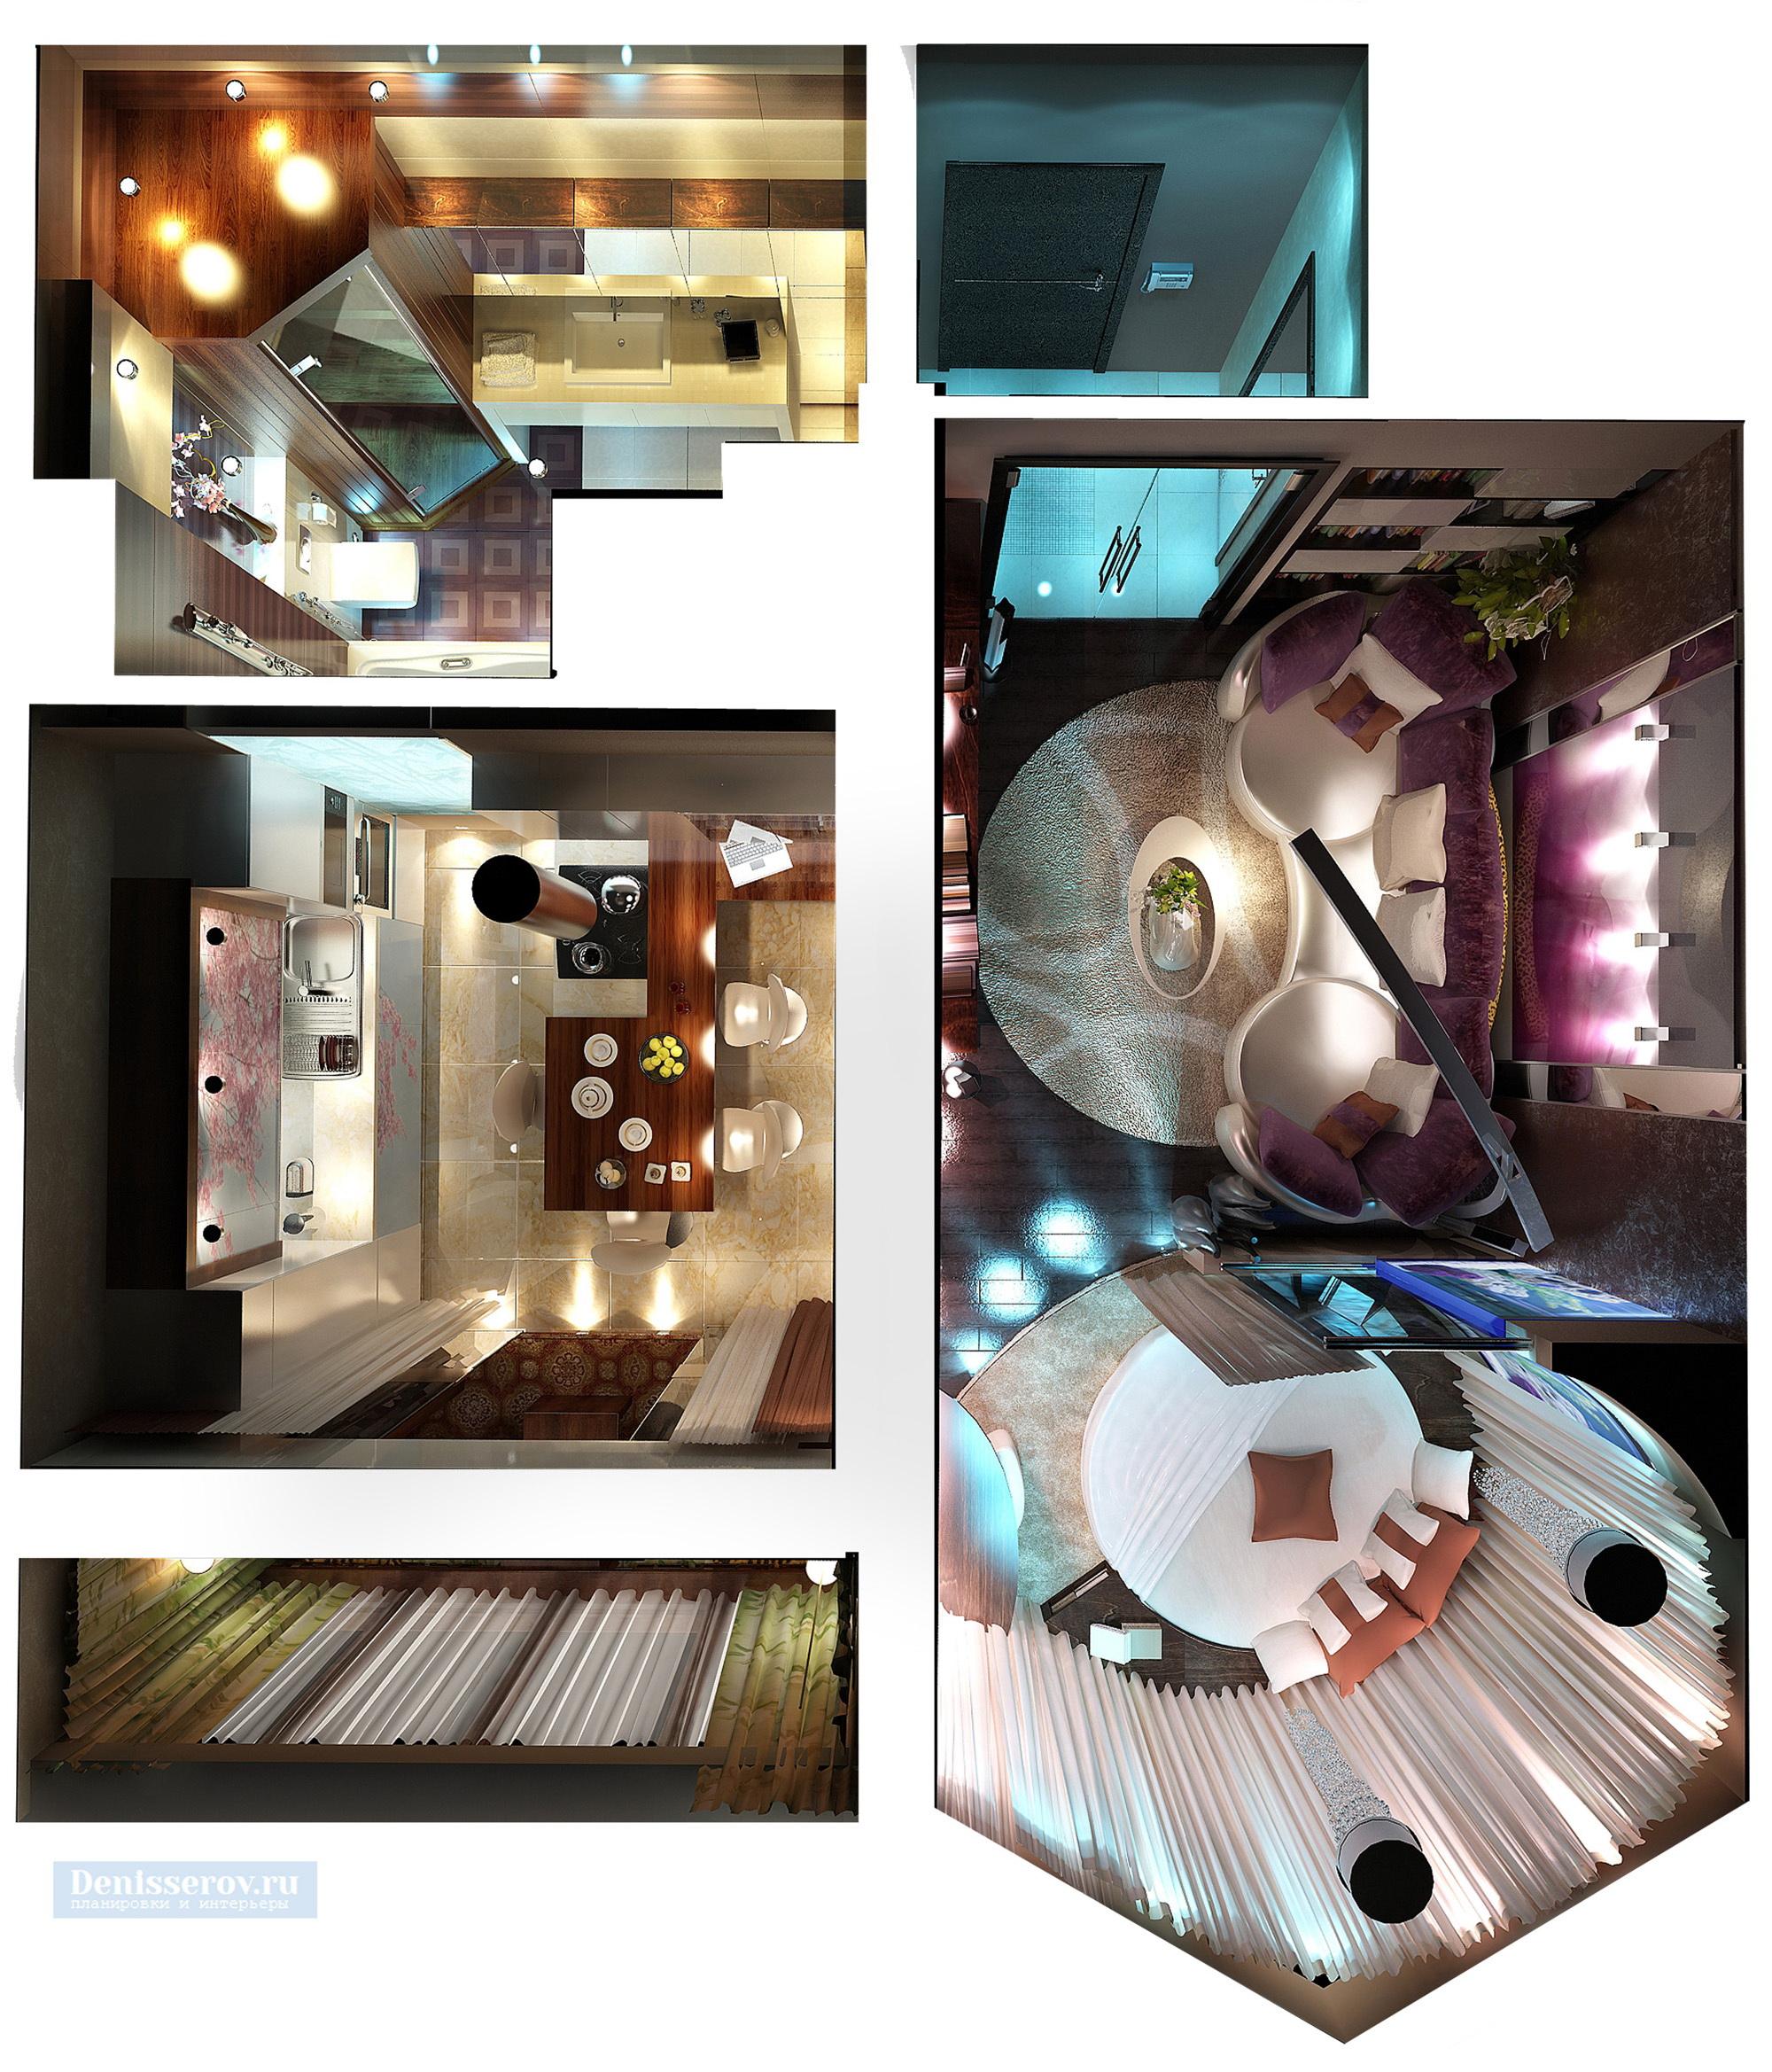 Dizajn-odnokomnatnoj-kvartiry-p-44t